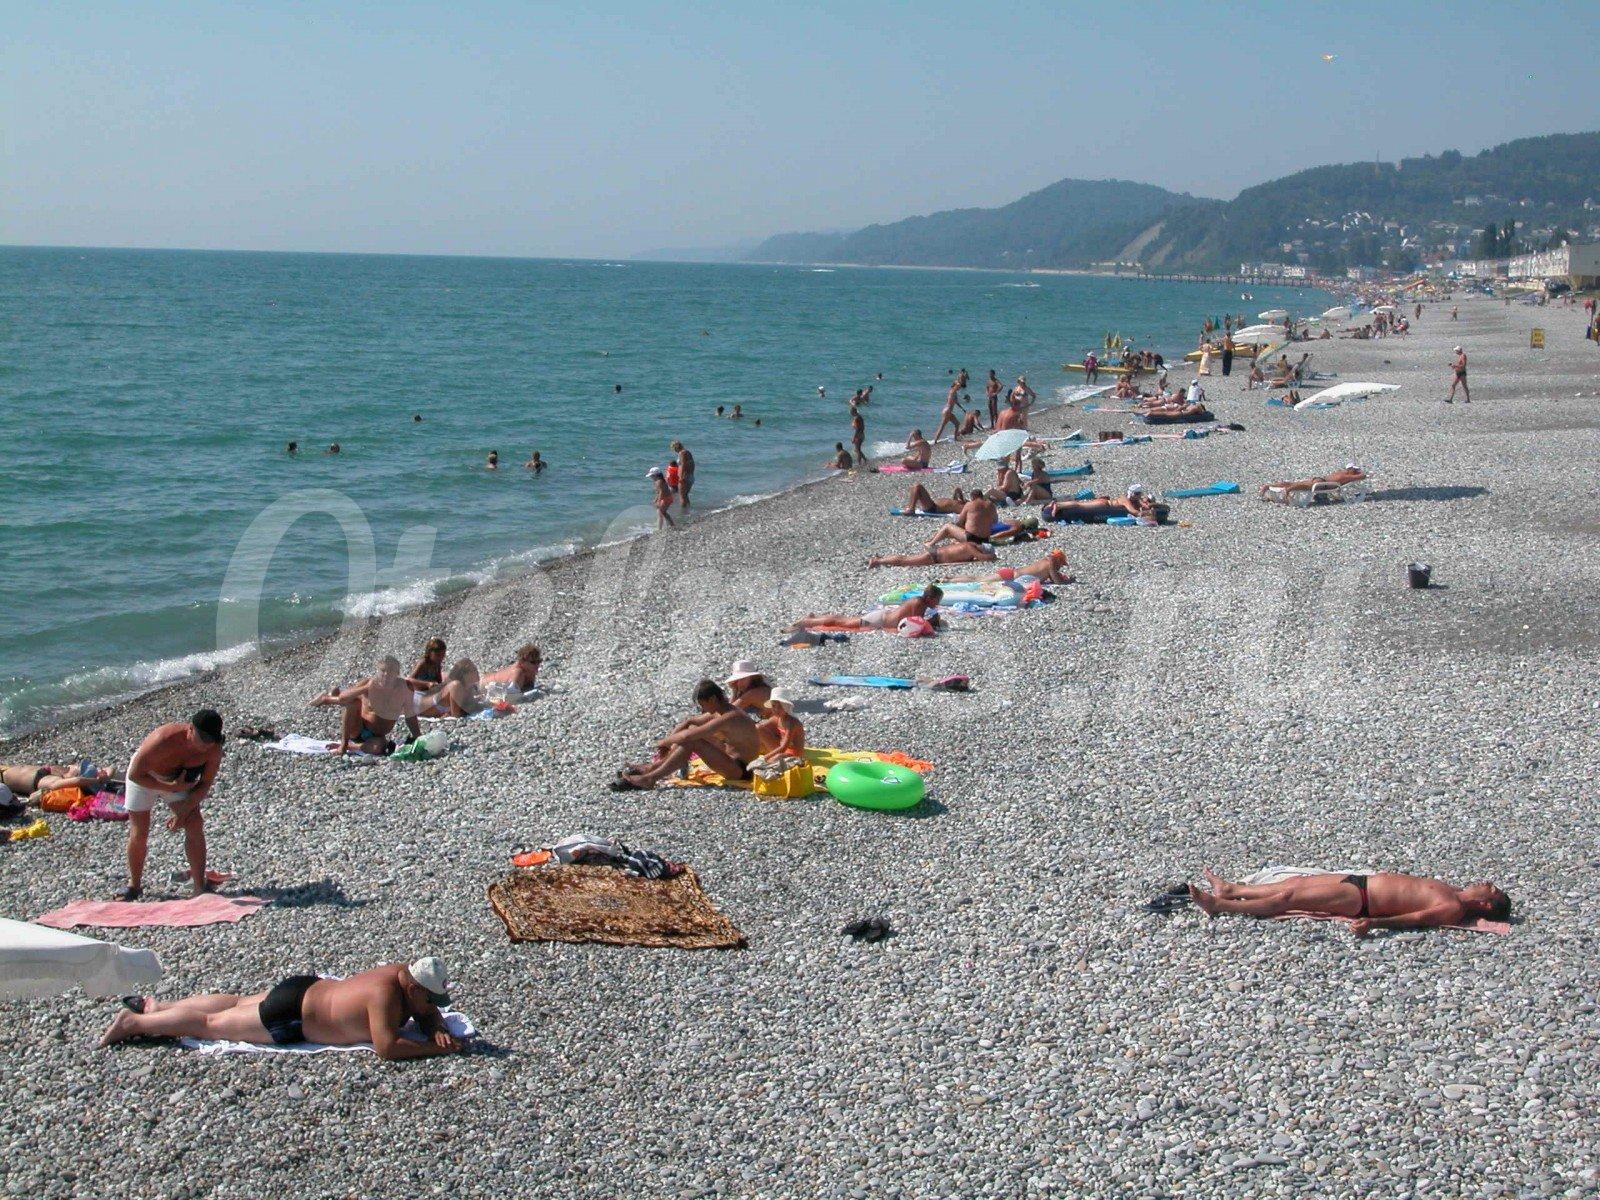 Лоо фото города и пляжа 2018